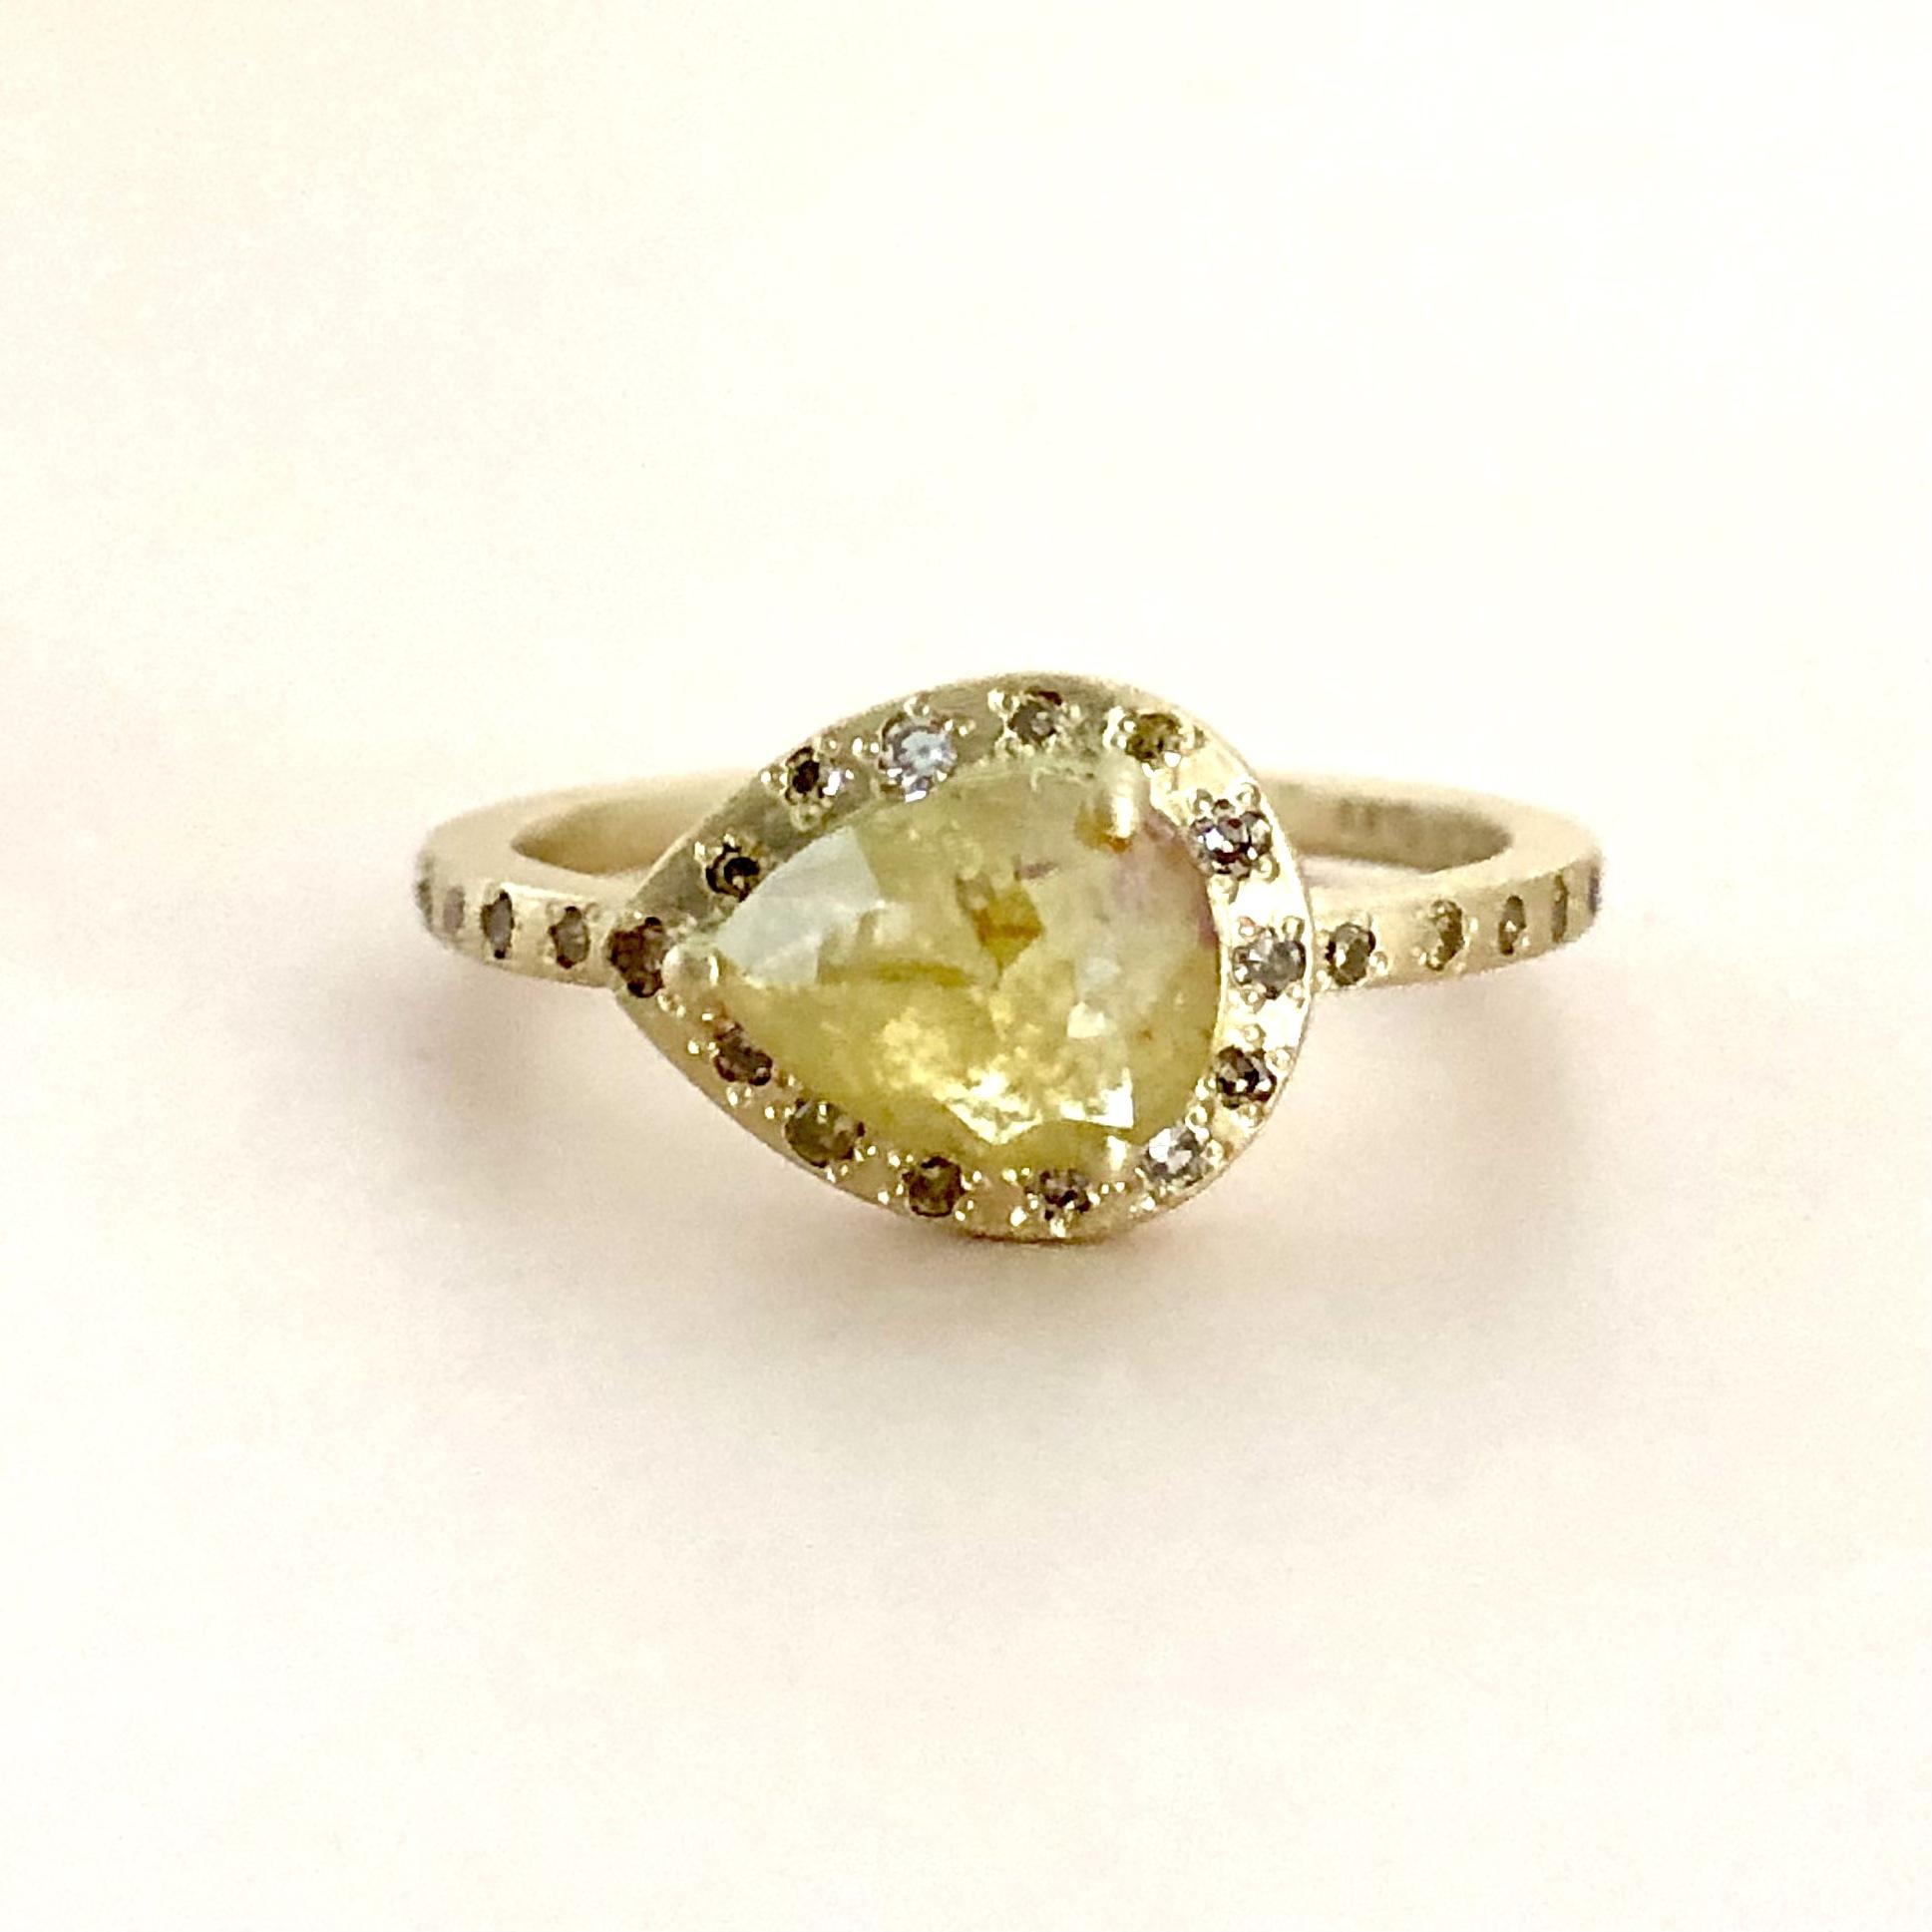 ナチュラル  ダイヤモンド リング  BD 0.733ct  K18イエローゴールド チェカ 鑑別書付